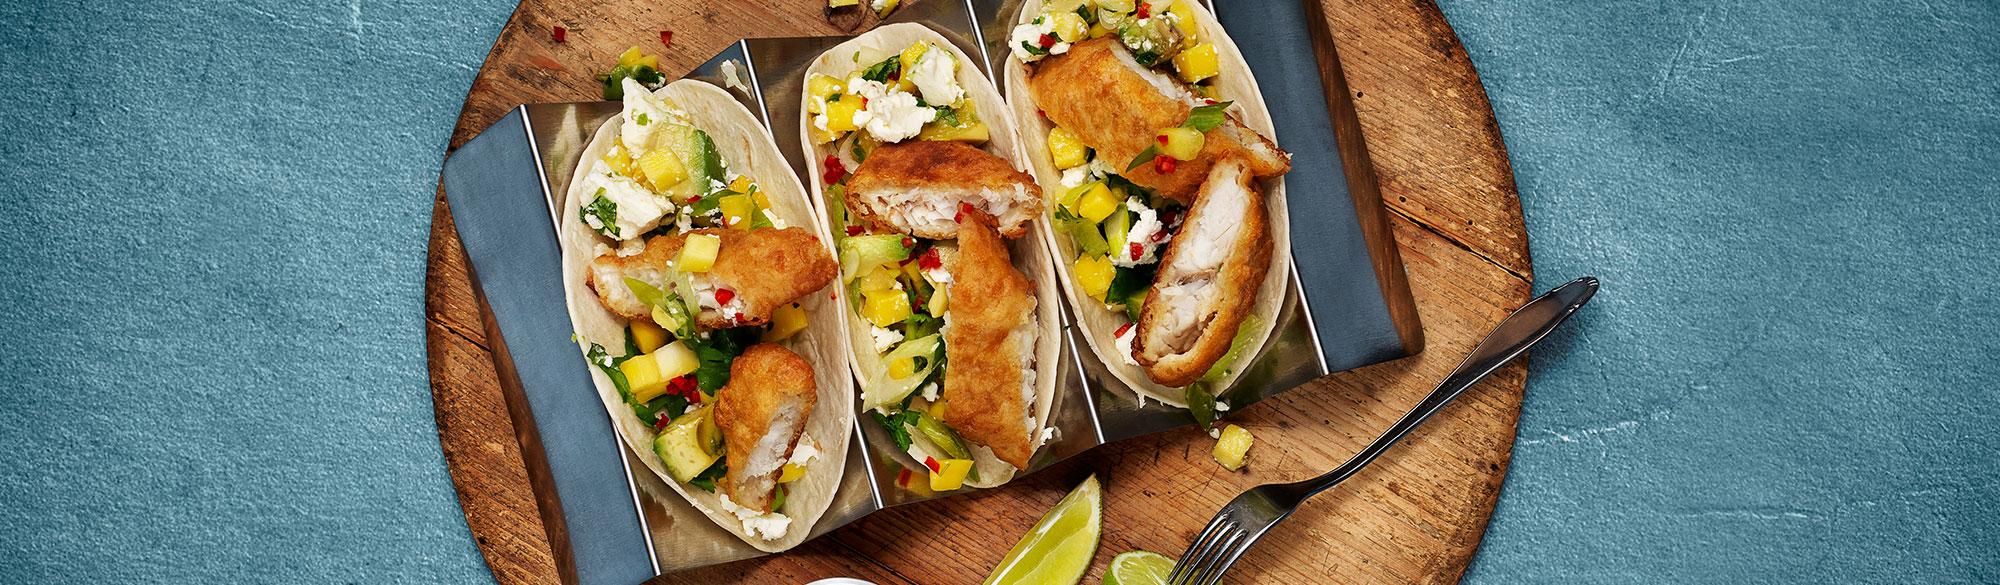 Fishtaco med åanerad fisk